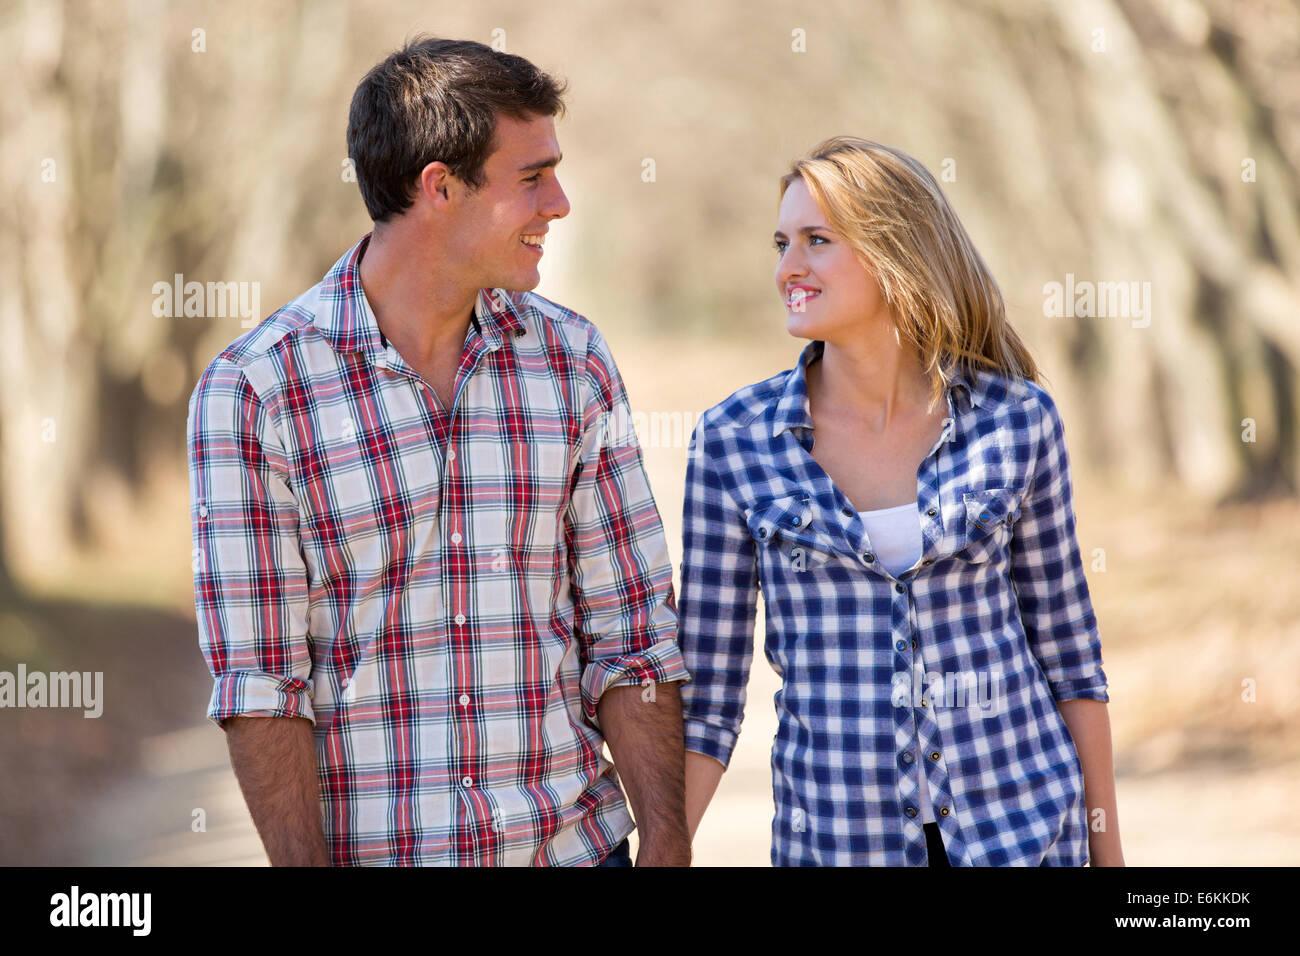 Allegro coppia giovane godendo di una passeggiata in autunno Immagini Stock